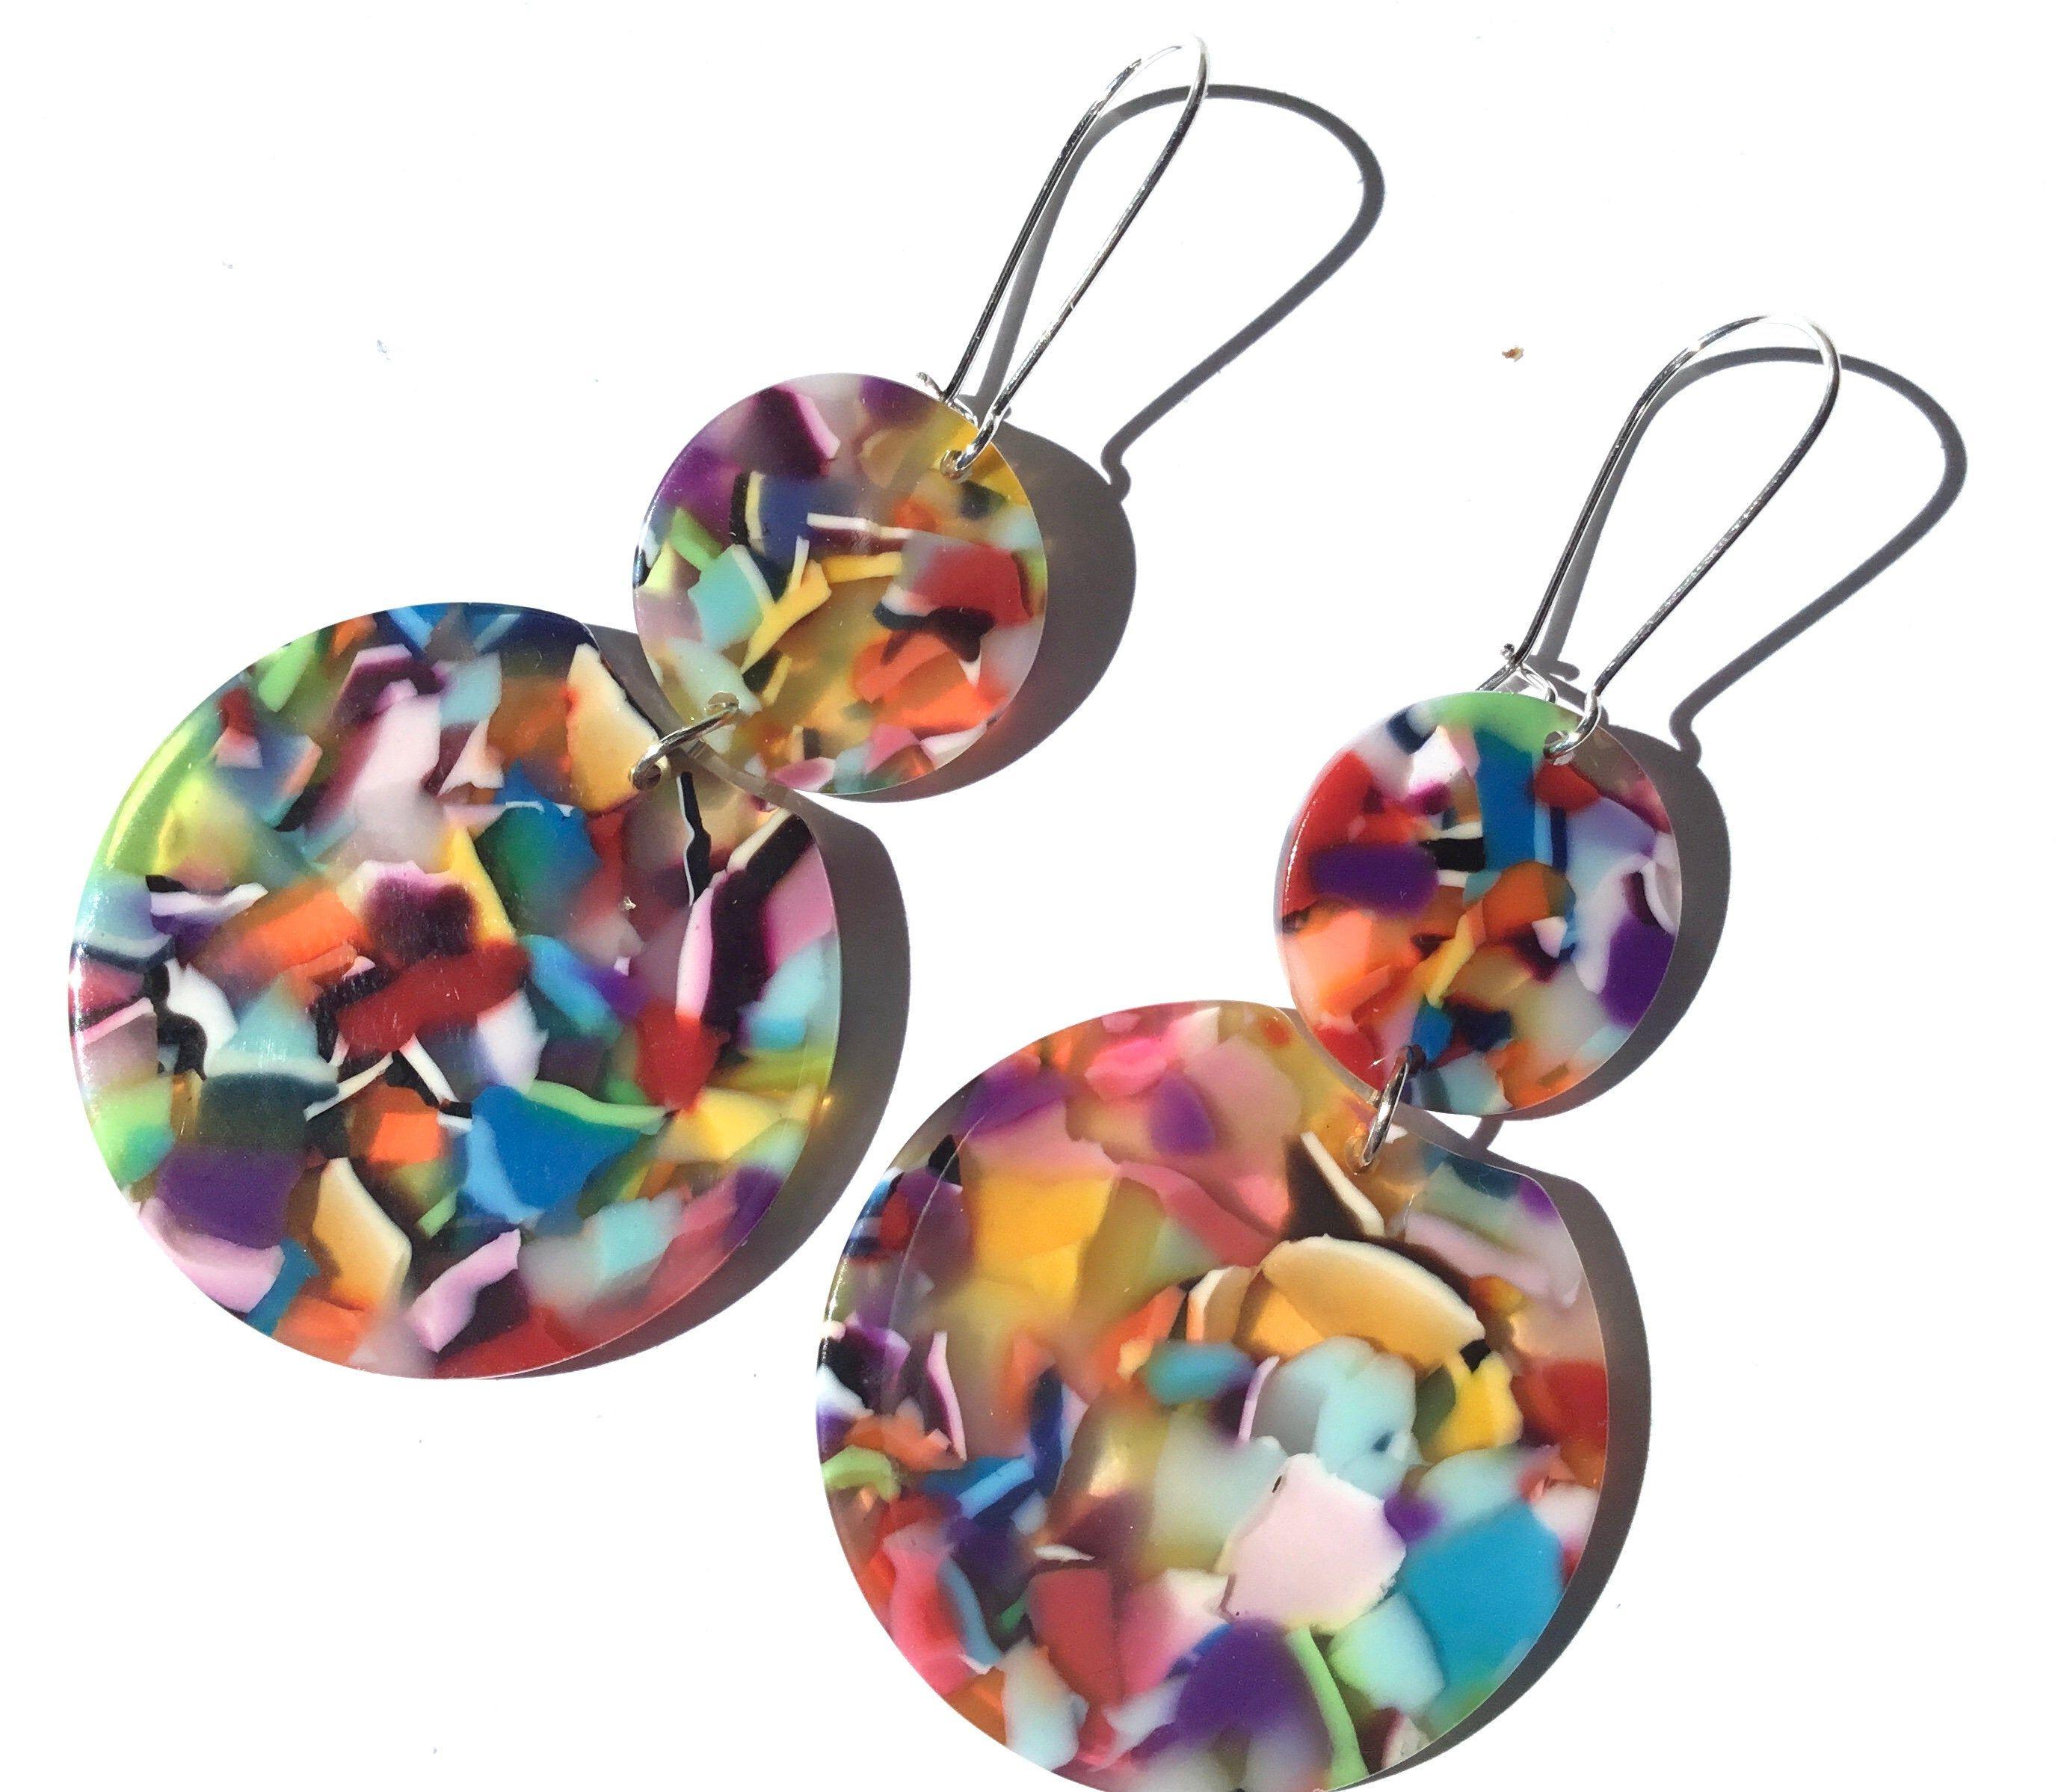 multicolored acetate imitation tortoiseshell Summer earrings